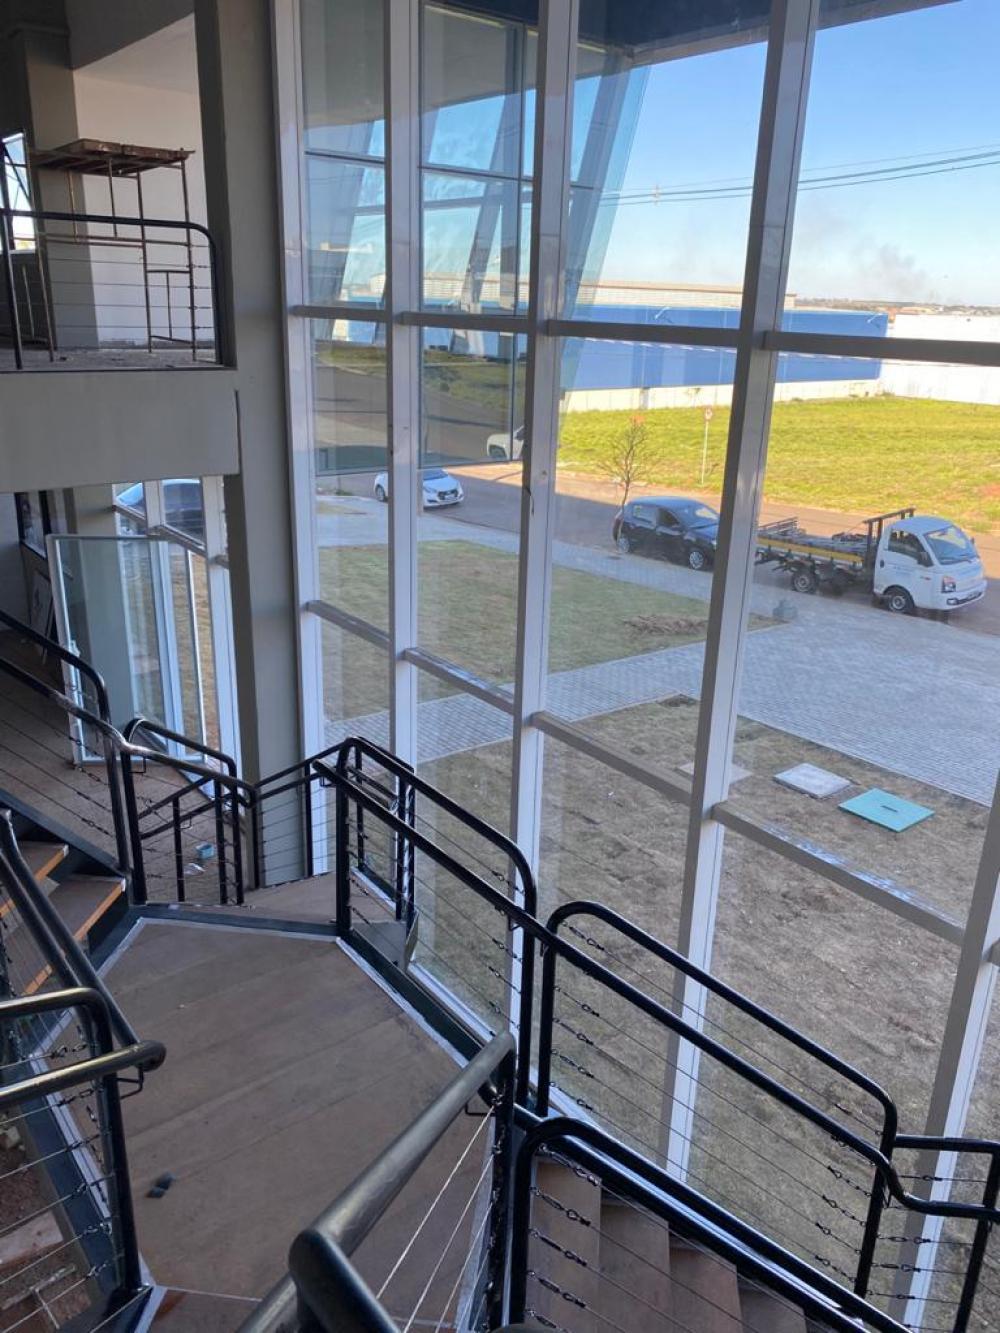 Ótimo galpão industrial contendo 4.800m, contendo telha PUR com domus trapezoidal, 2 elevadores, dois amplos salões na parte de cima, 4 vestiários na parte superior e 4 na parte térrea, galpão principal com piso de alta resistencia: 5 toneladas, pé direito de 10m,  portão de acesso com 4,3m de altura e 4 m de largura, dois elevadores,a. Frente 60x80. Galpão novo!